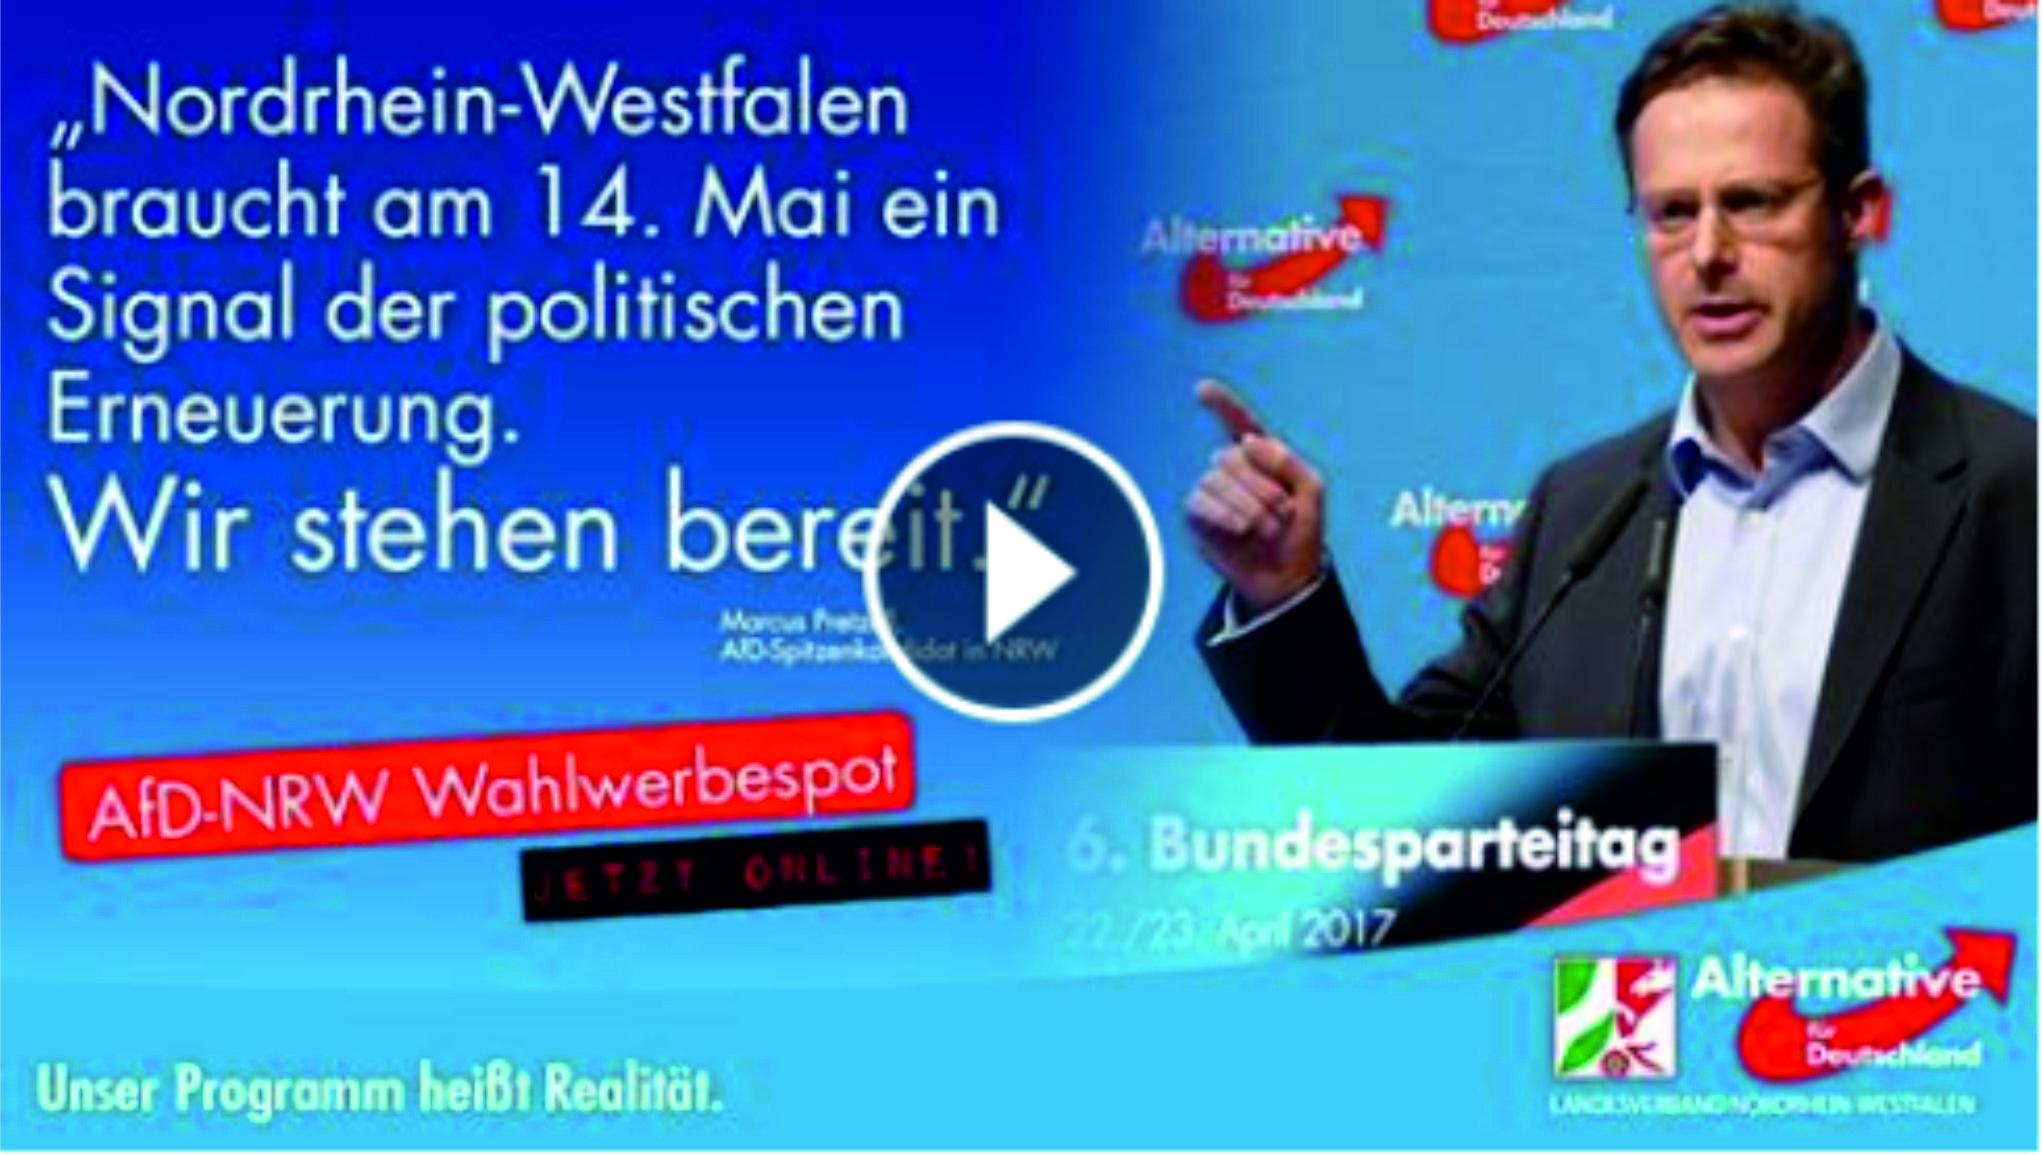 AfD NRW Wahlwerbespot 2017 – Sein Programm heisst Realität